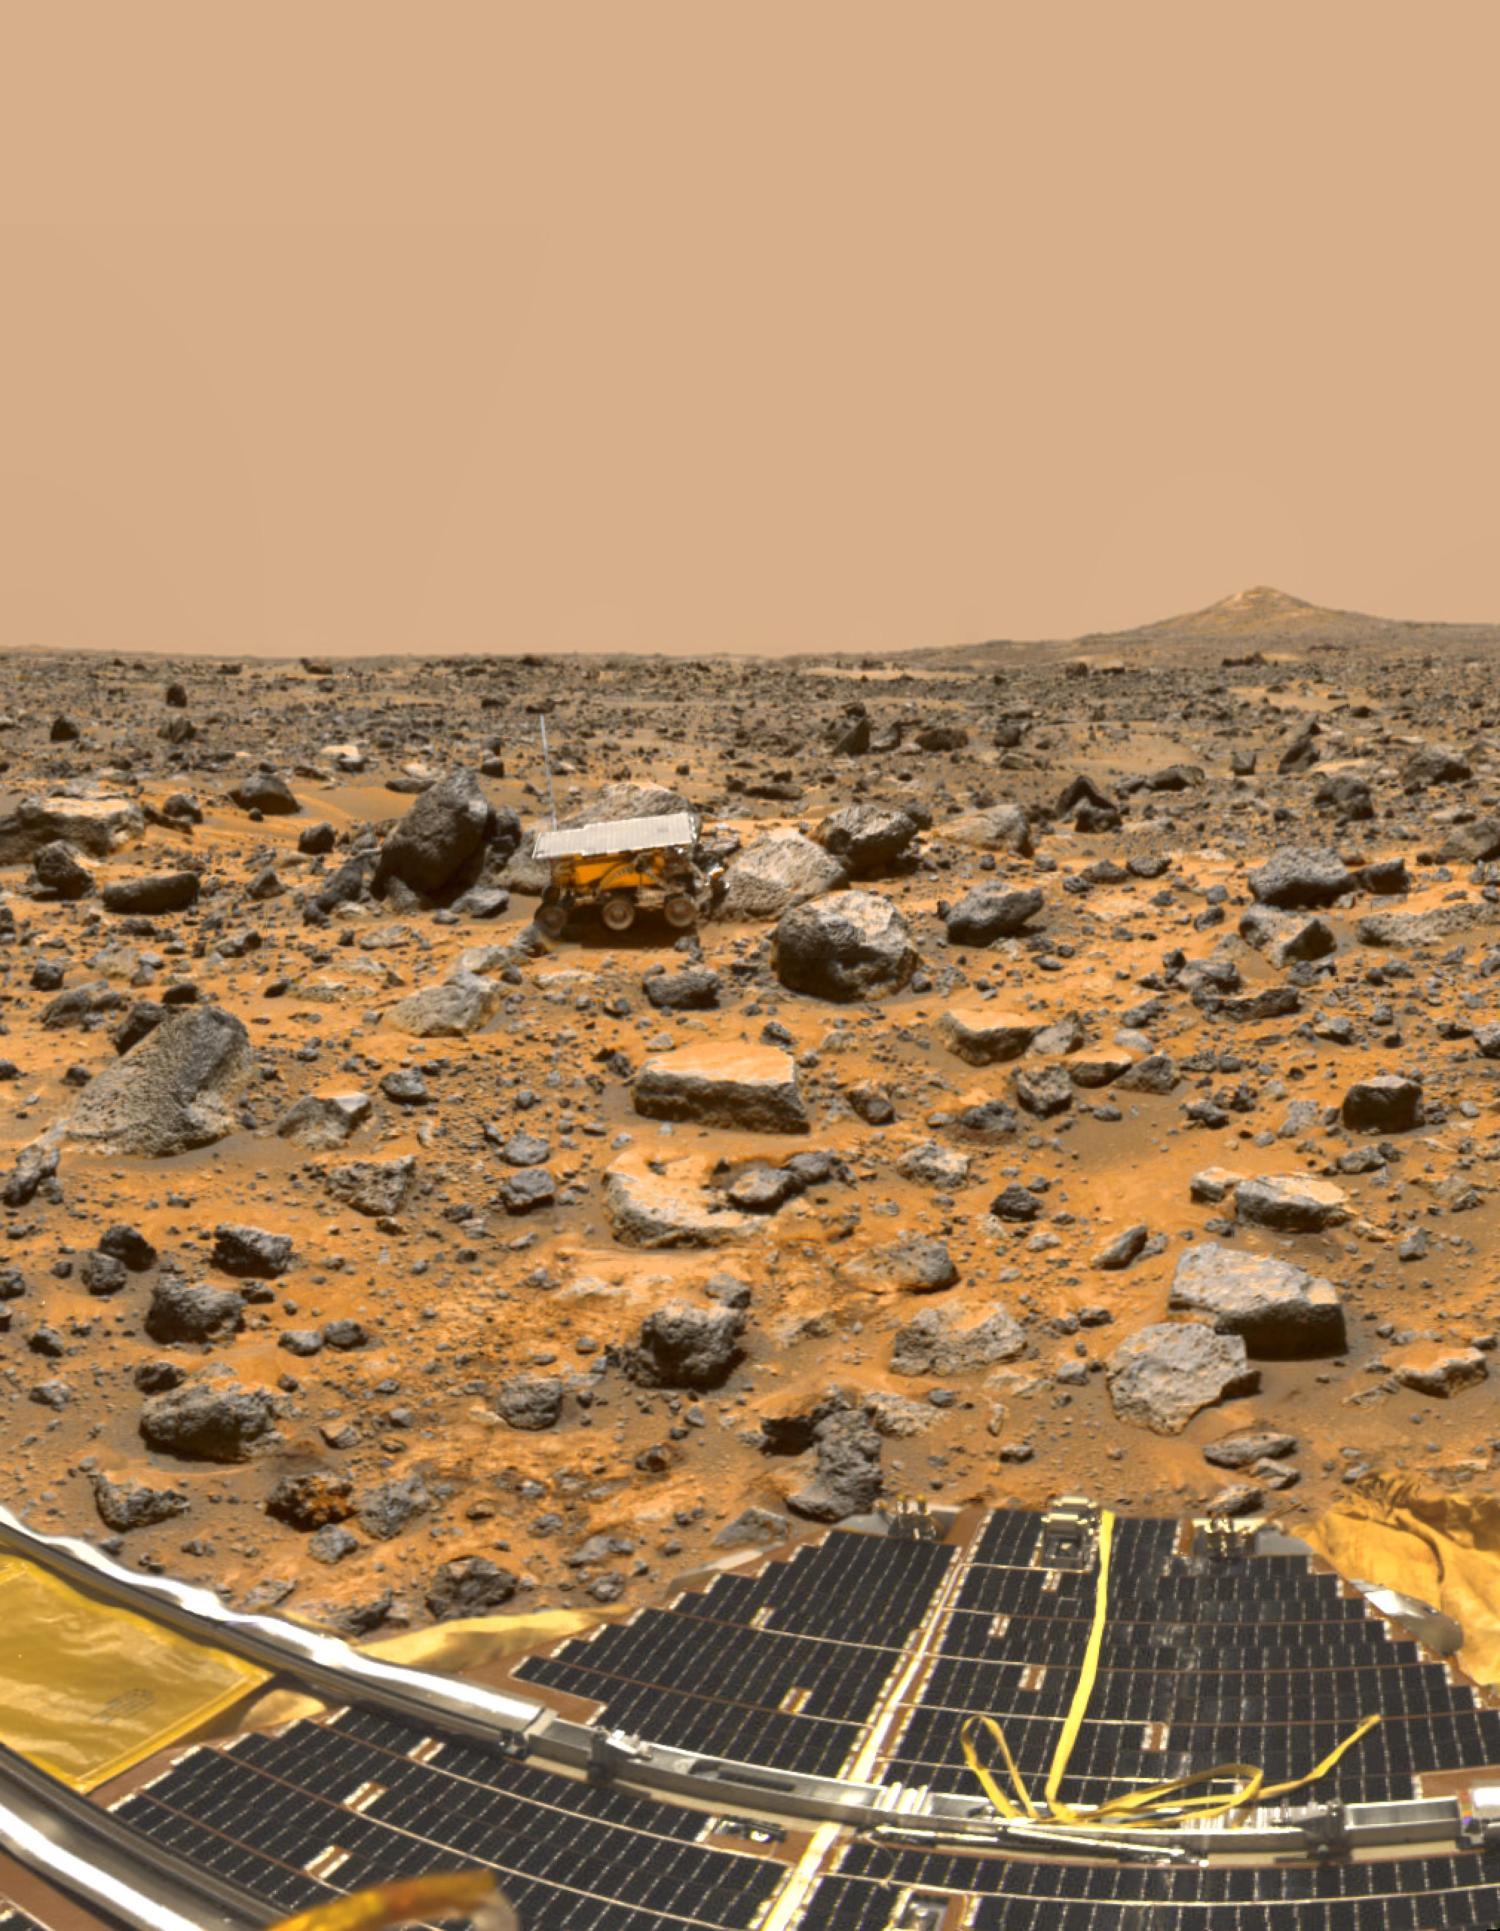 1997年7月4日:旅居者抵达红色星球_full.jpg